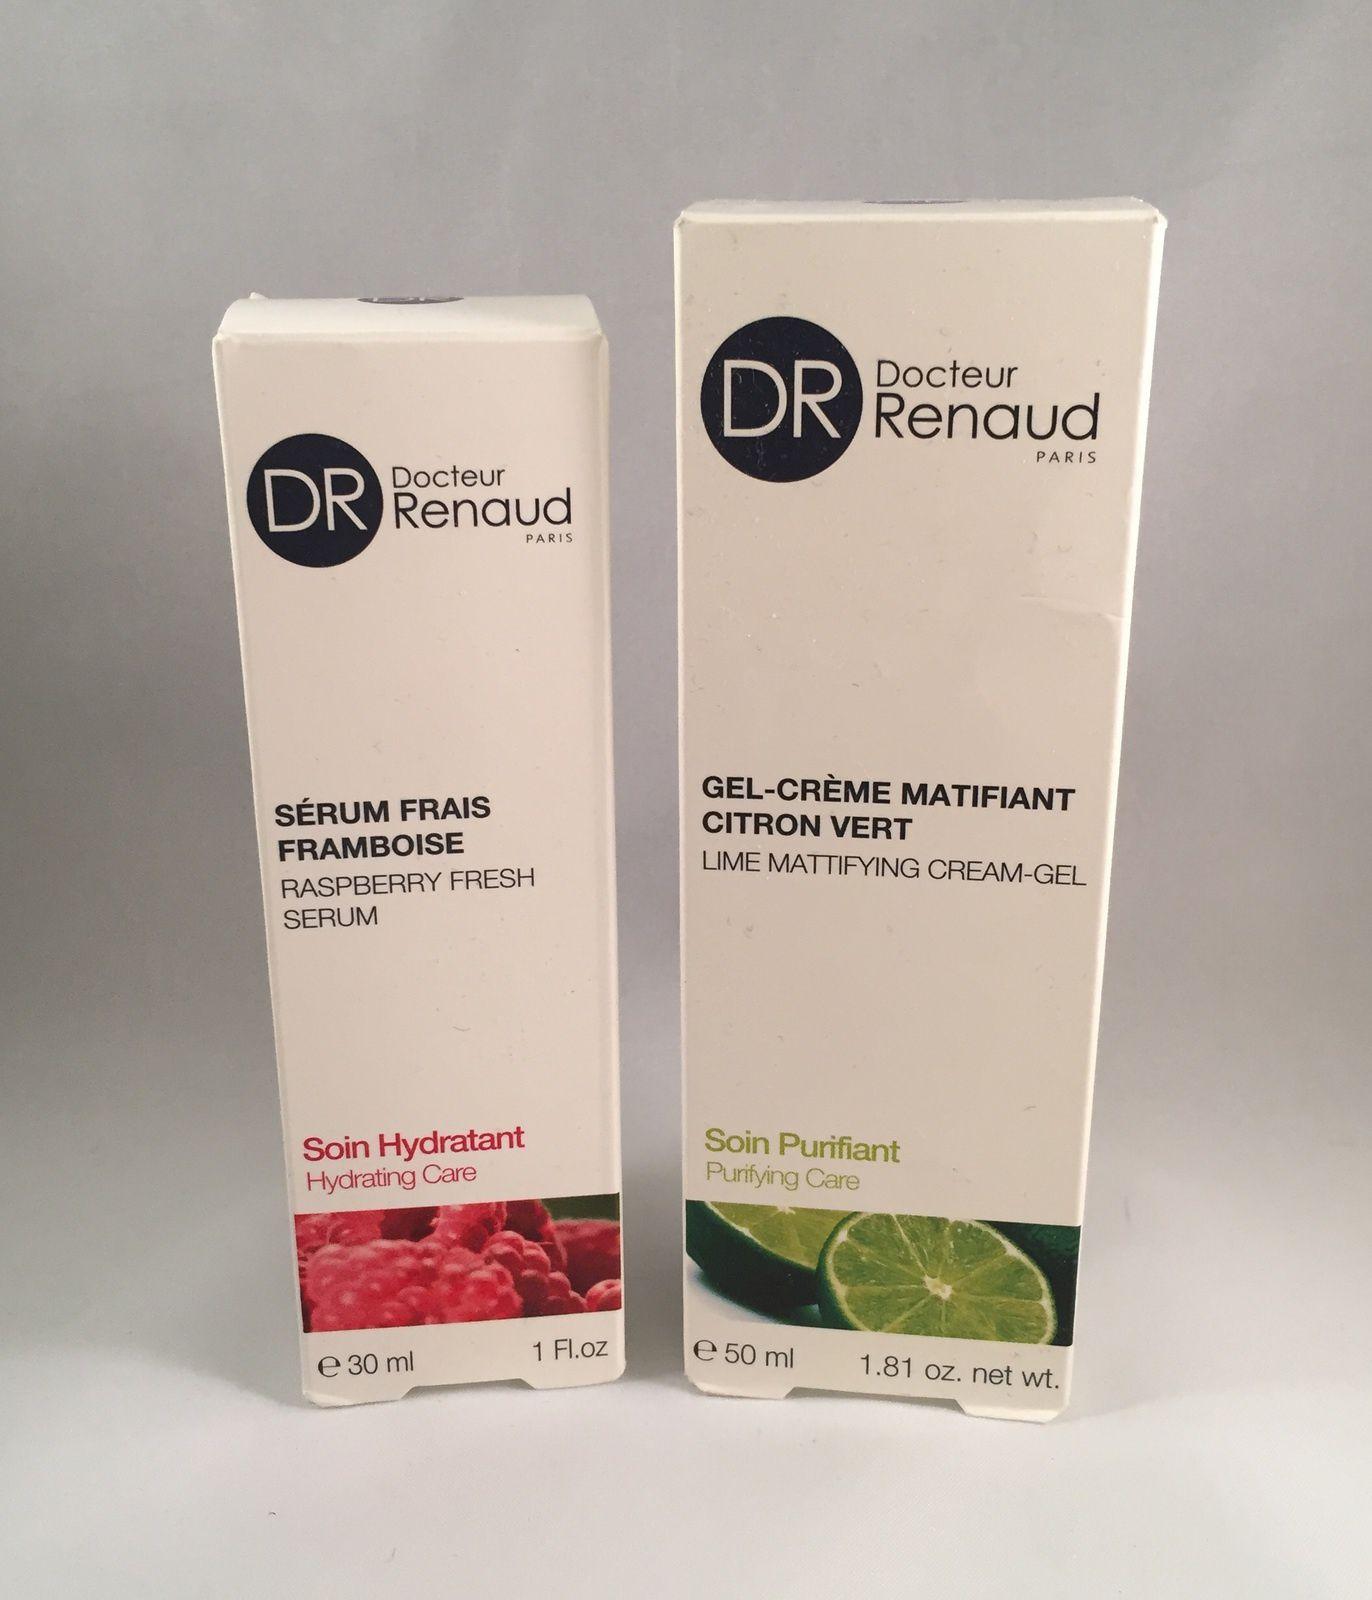 Dr Renaud - sérum frais framboise &amp&#x3B; gel crème matifiant citron vert